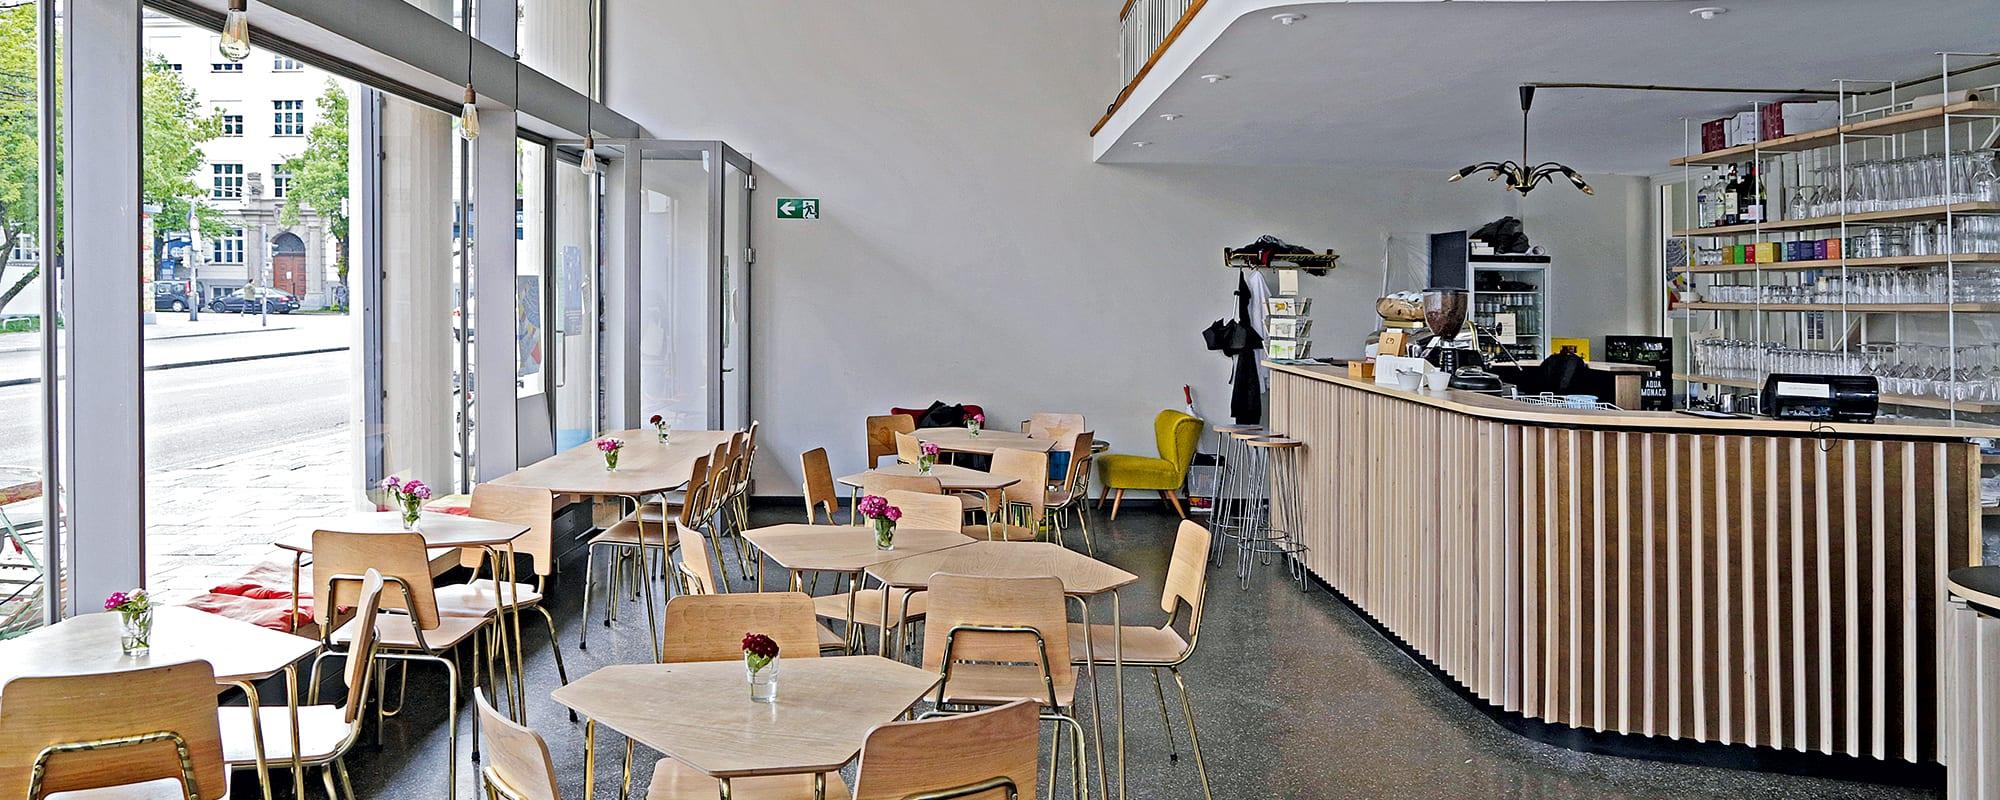 Bellevue di Monaco, München, Architecture